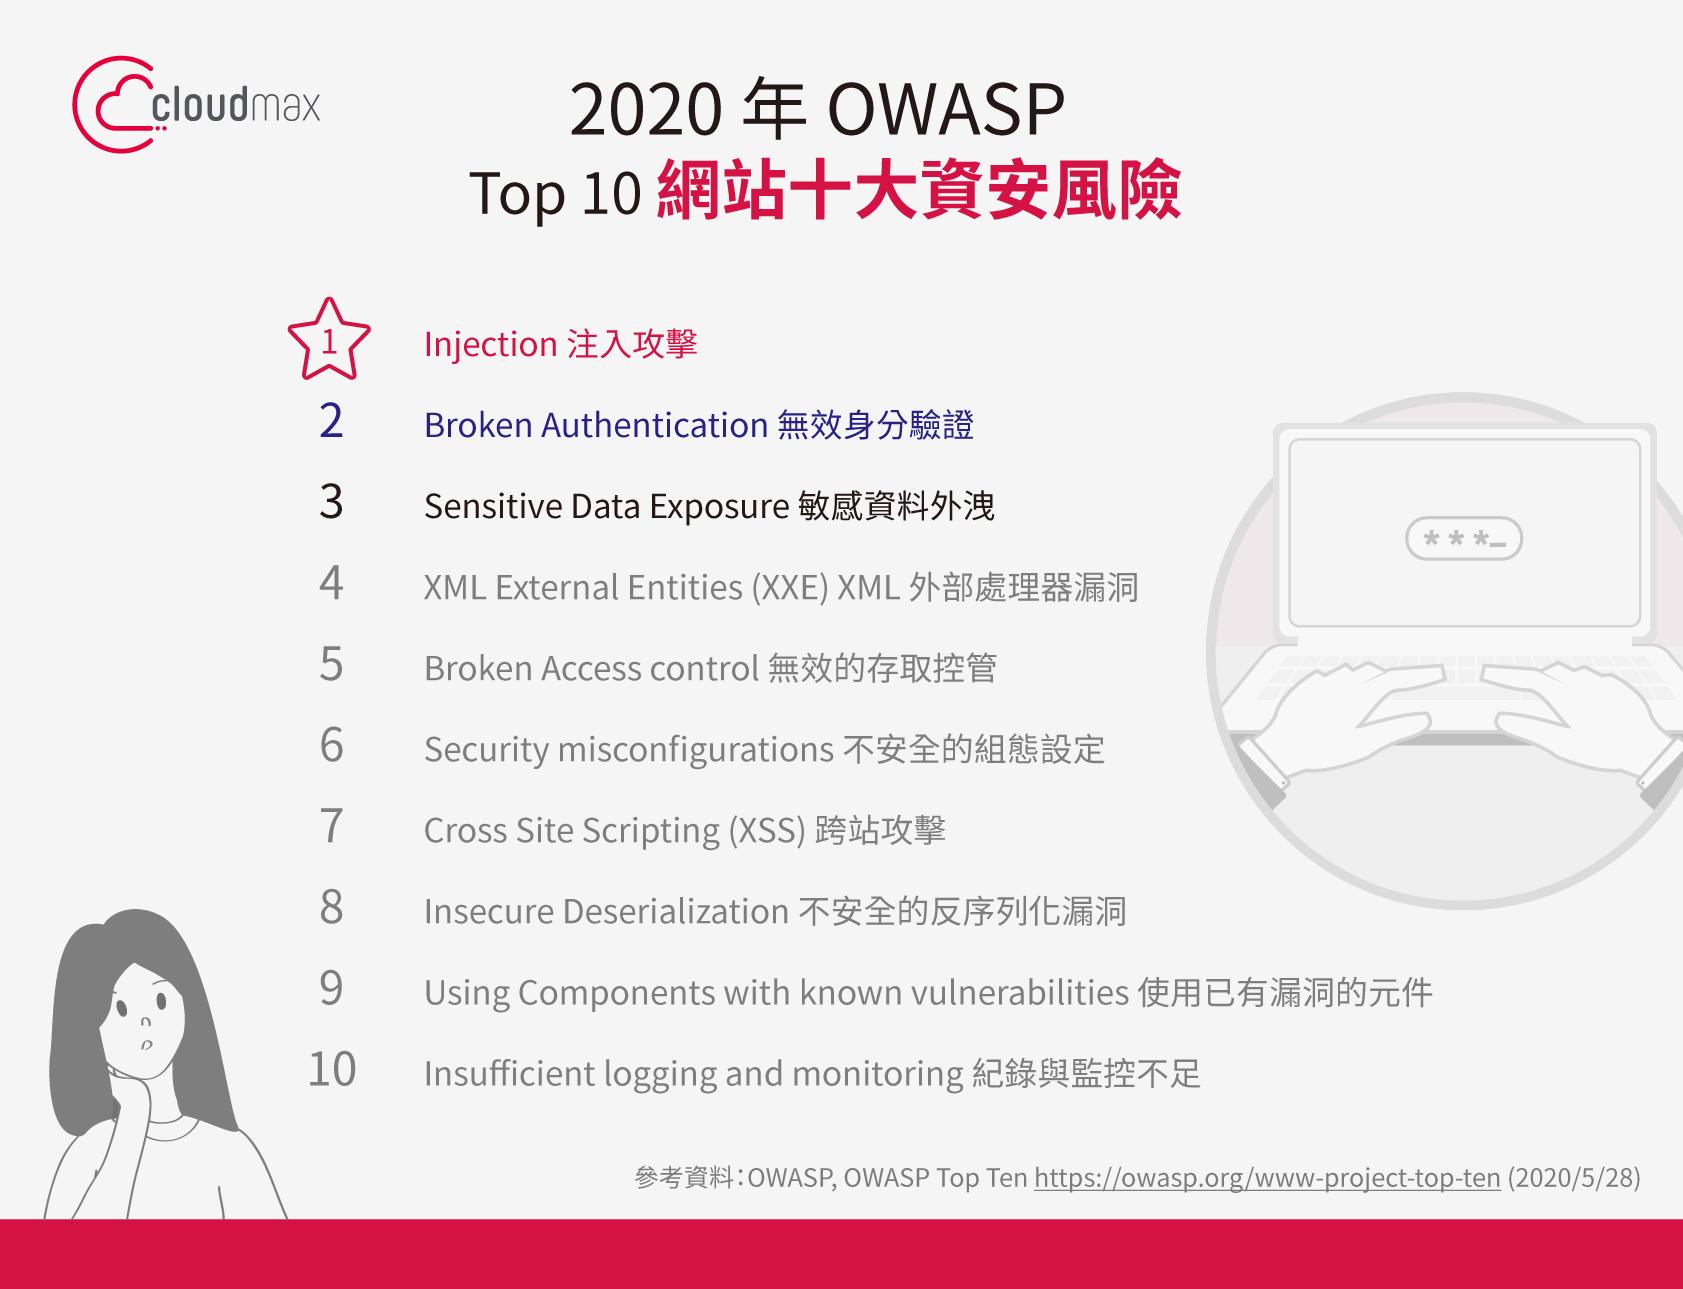 2020 年 OWASP Top 10網站十大資安風險